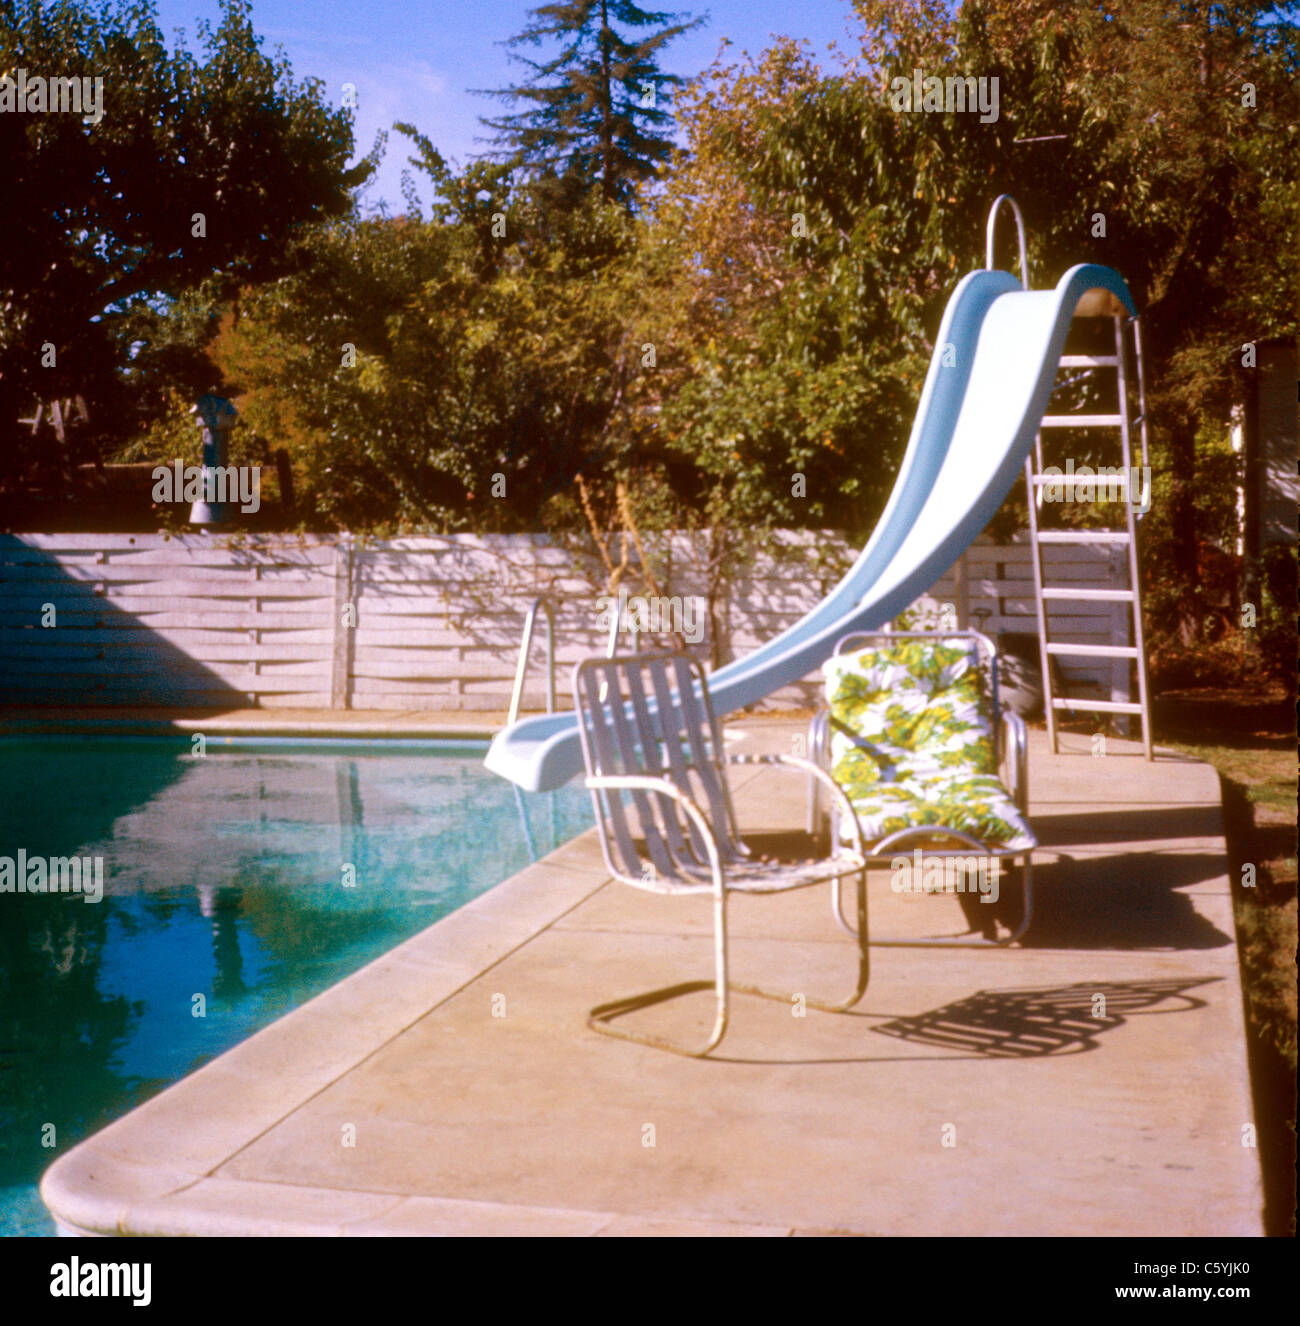 Backyard scavate nella piscina con scivolo e 70s sedia 1977 anni settanta architettura mobili arredamento prato Immagini Stock